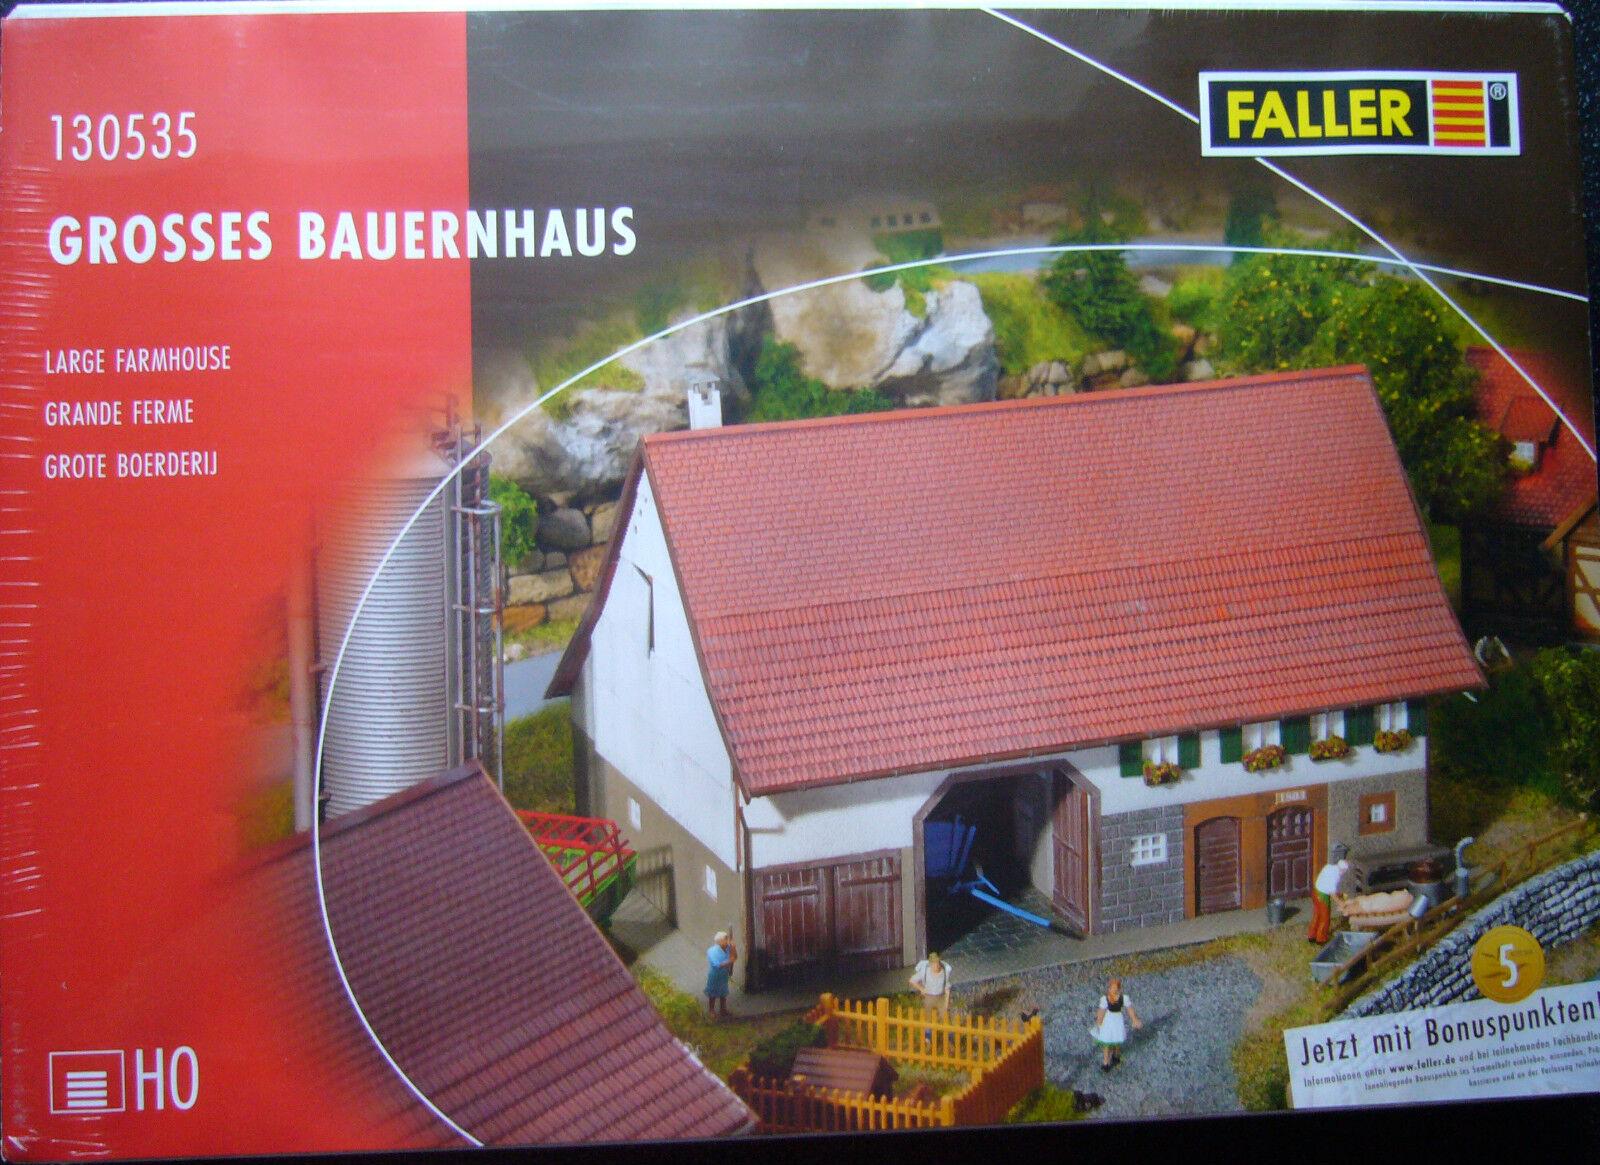 Faller 130535-grande granja + + nuevo y en su embalaje original + +